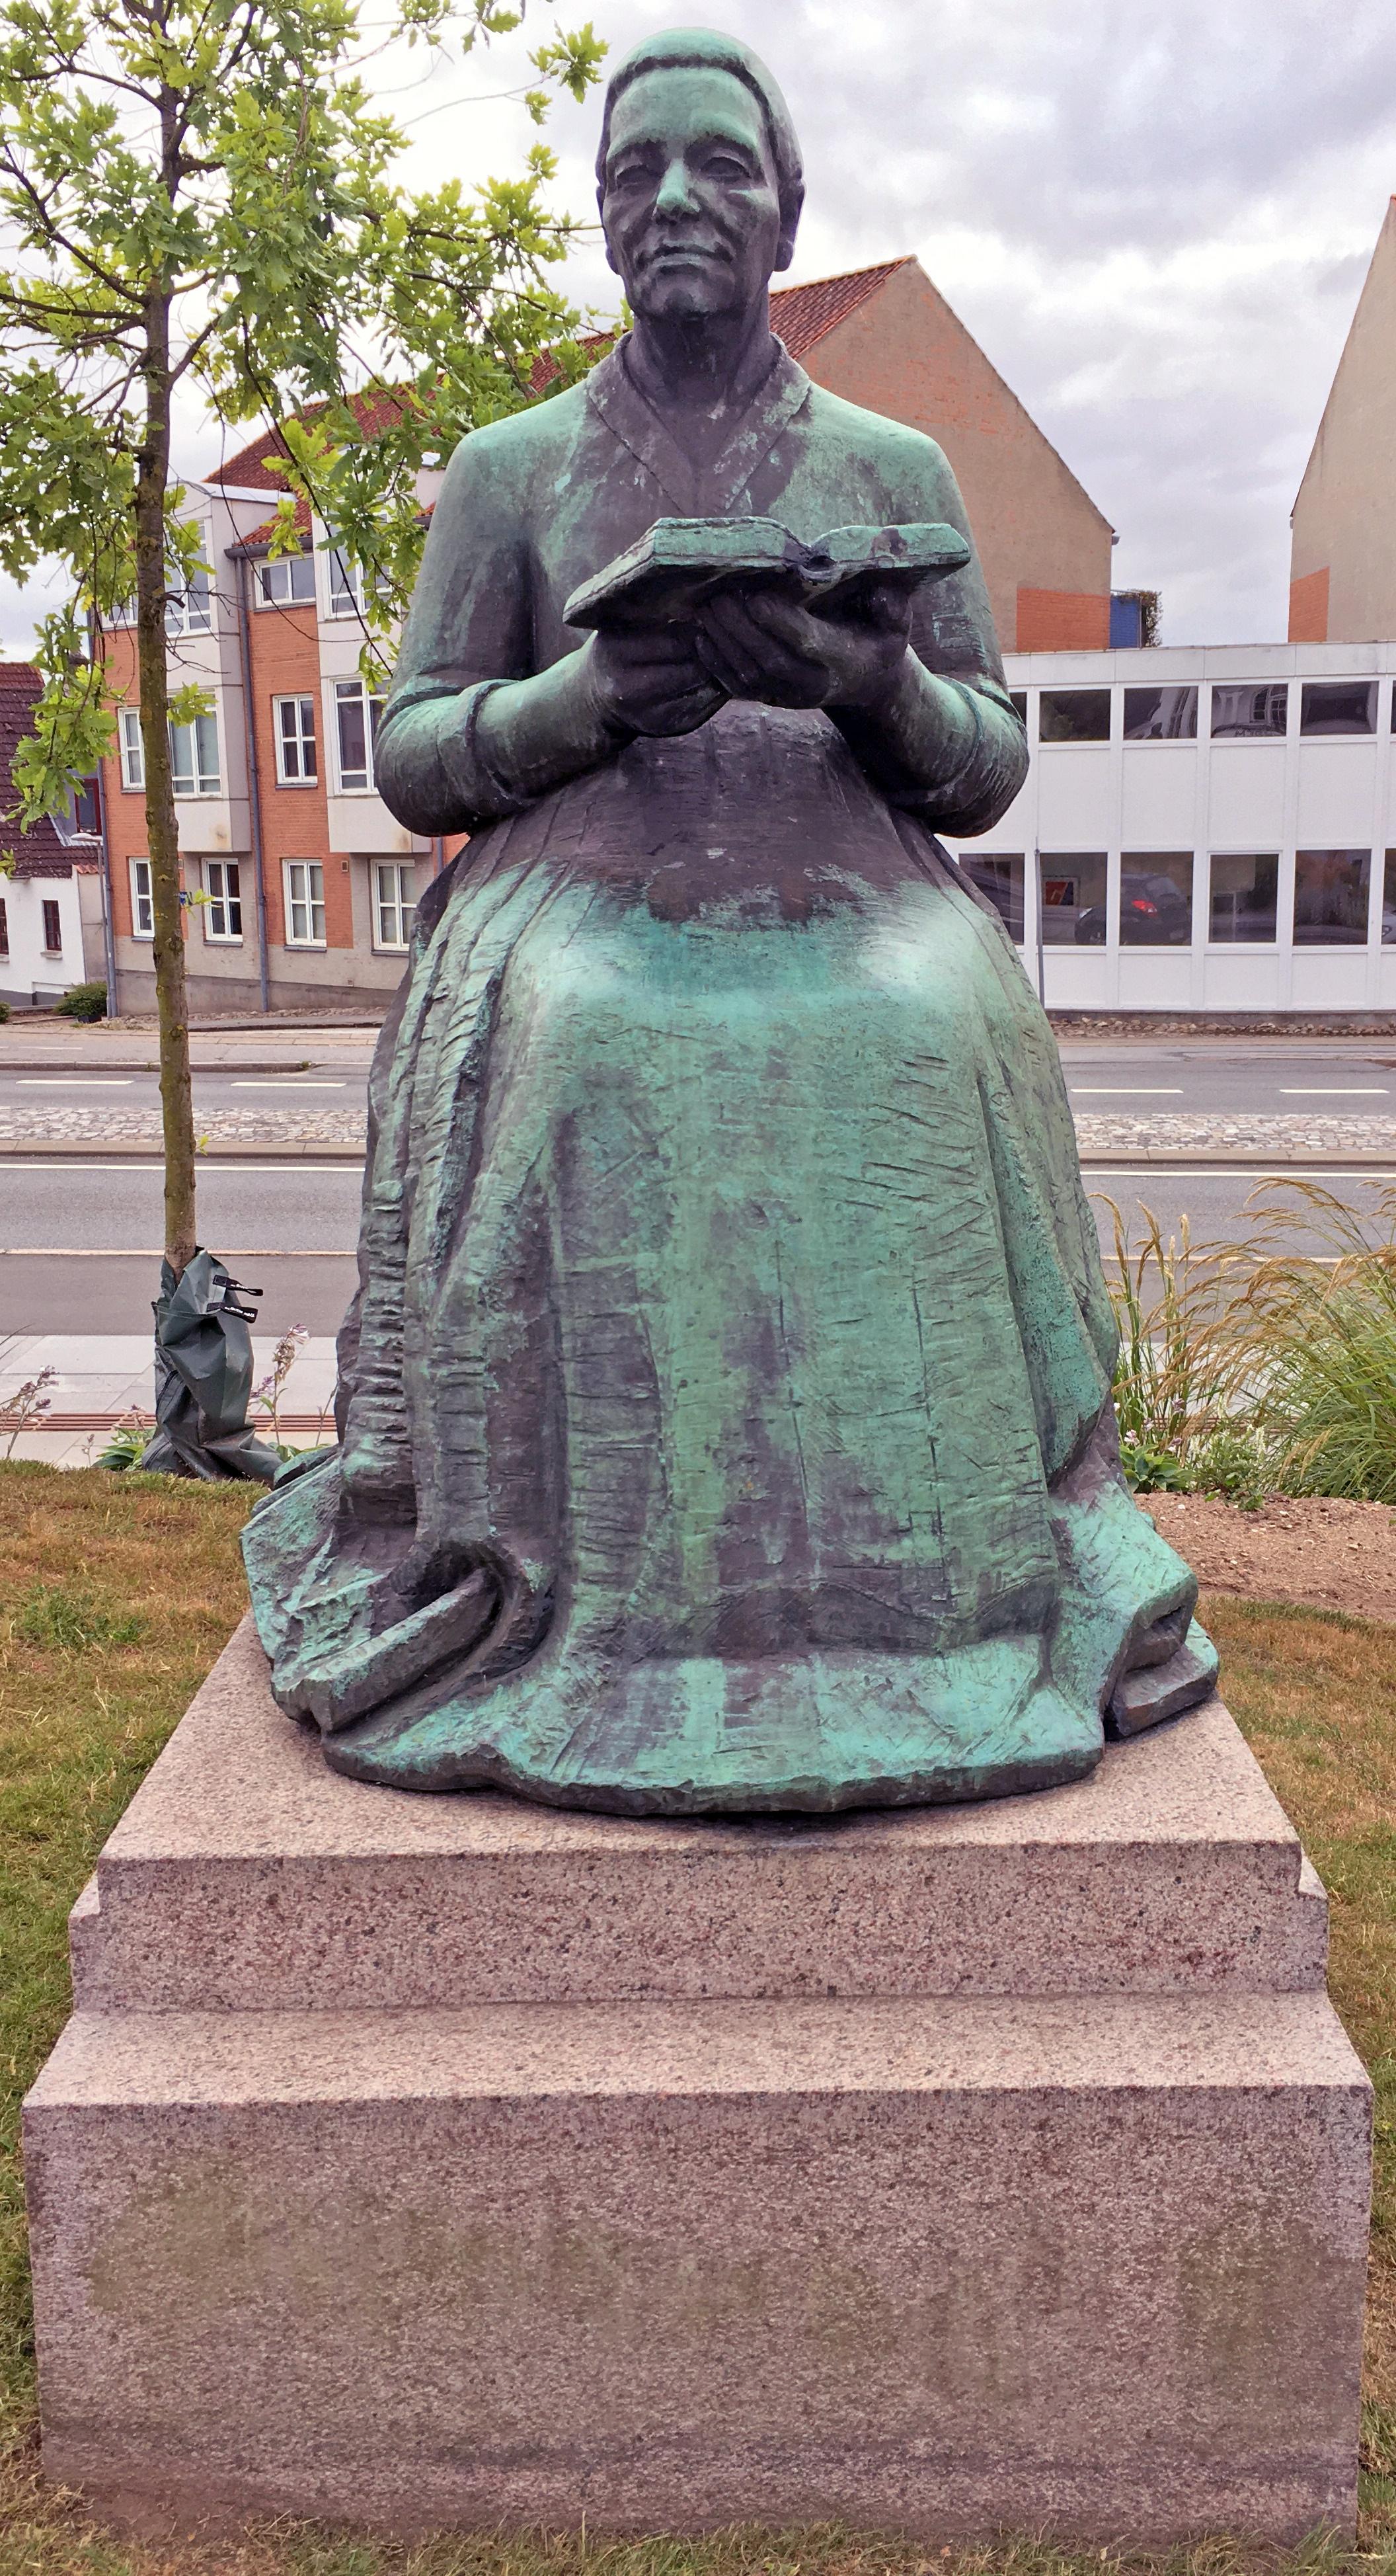 Gammel kone med bog fra 1959 bronze af billedhugger Hans Christian Gunnar Ulf Bremholm Rasmussen